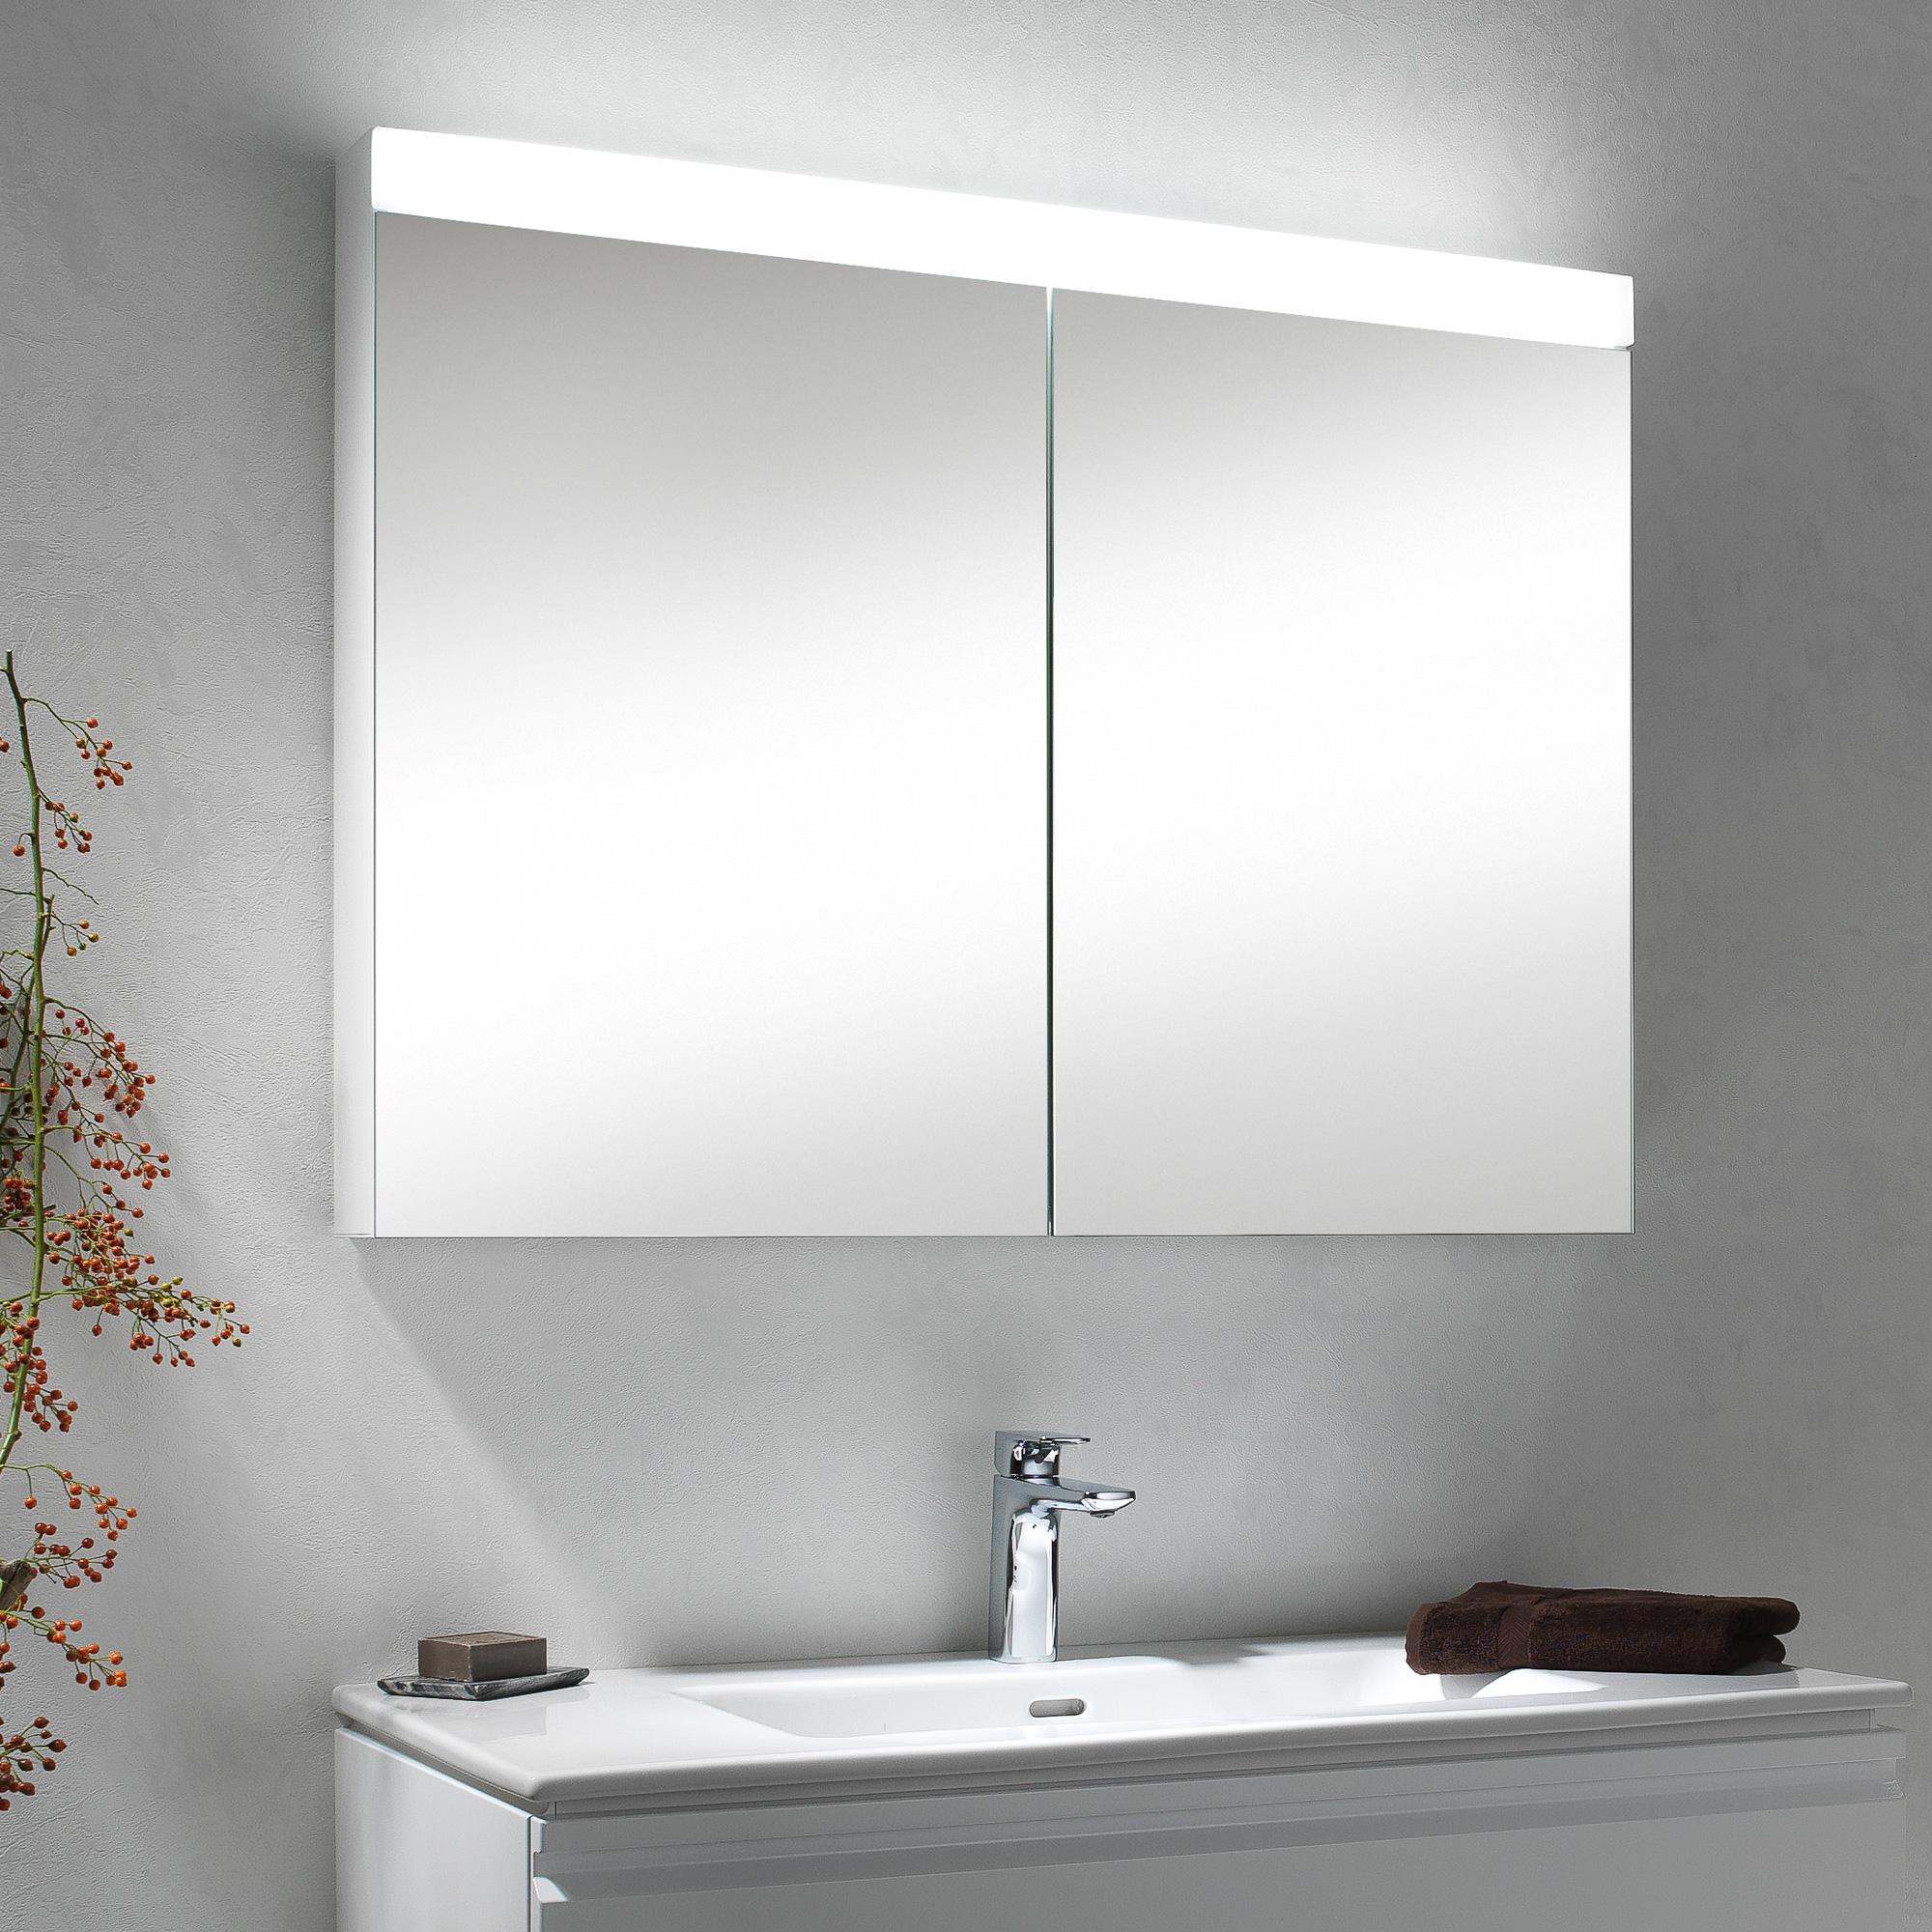 schneider pataline spiegelschrank b 80 h 70 t 12 cm mit 2 t ren reuter. Black Bedroom Furniture Sets. Home Design Ideas